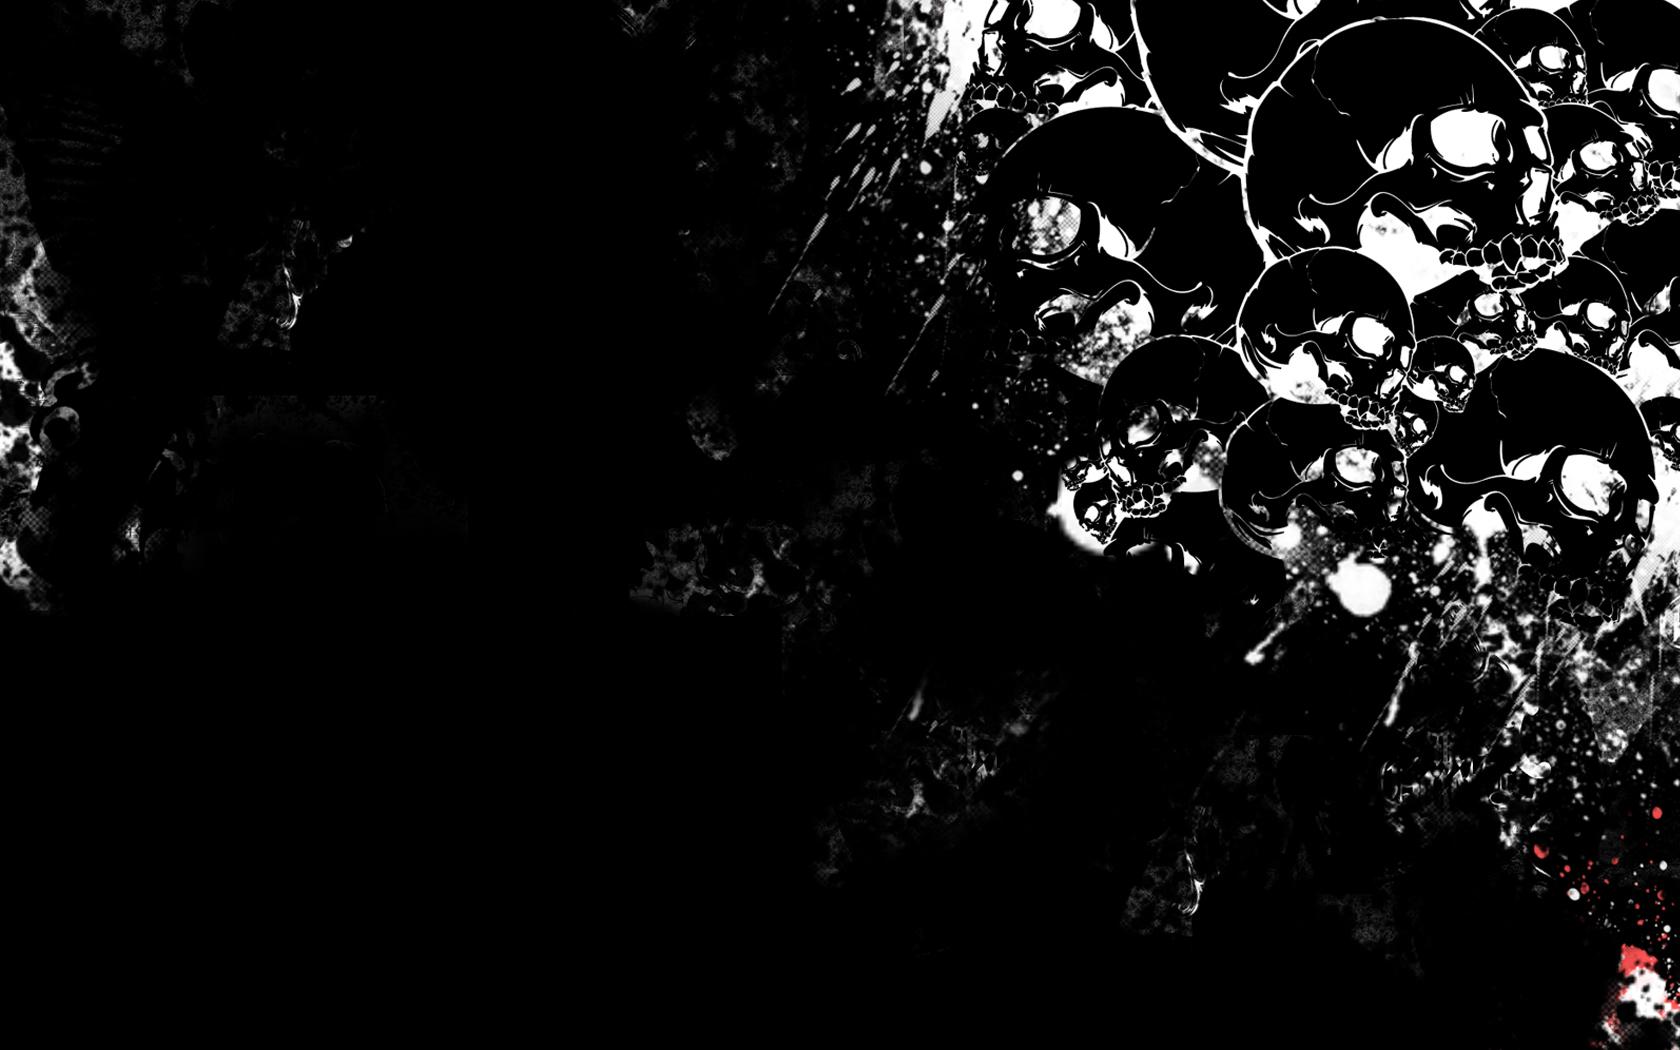 skull computer wallpapers desktop backgrounds 1680x1050